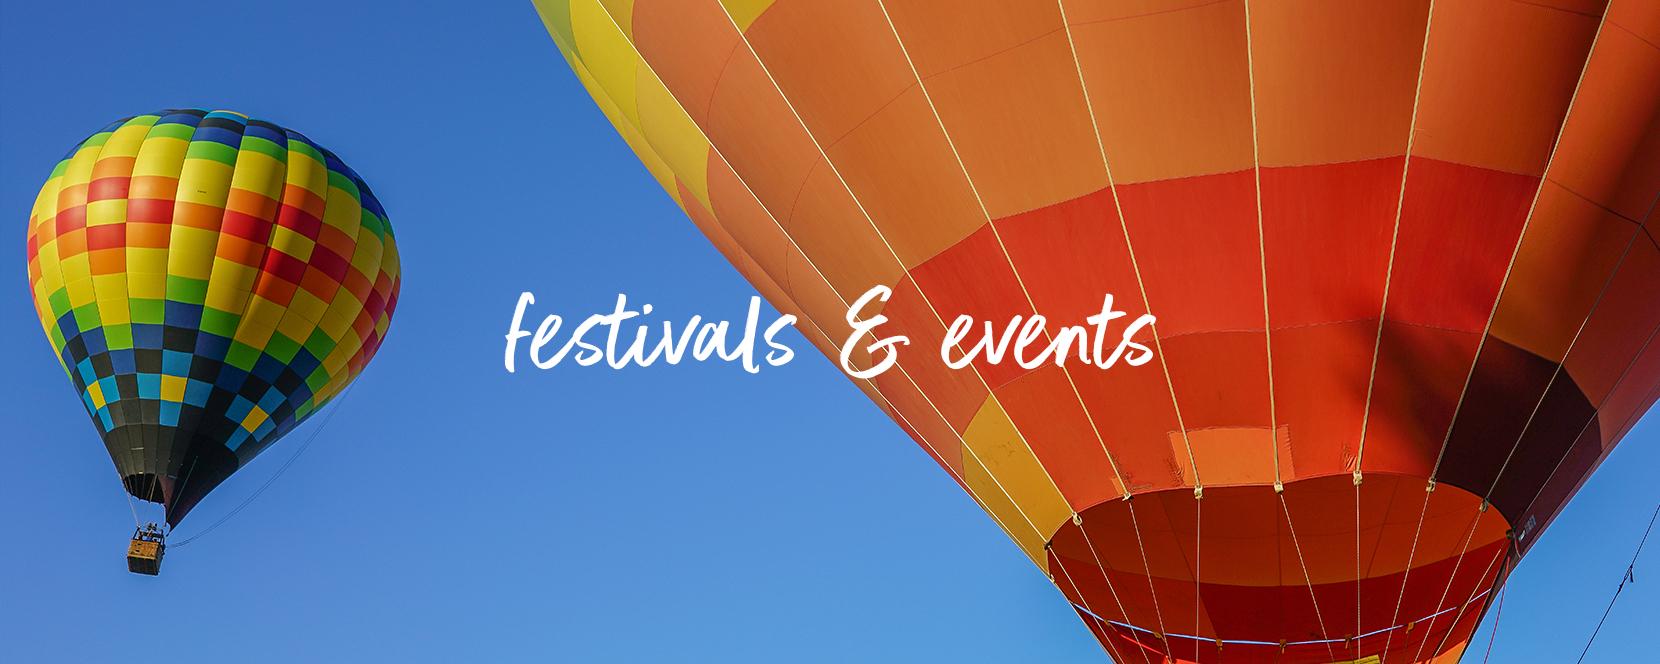 Temecula February Calendar 2019 Temecula Events and Entertainment   Calendar of Events   Temecula CA